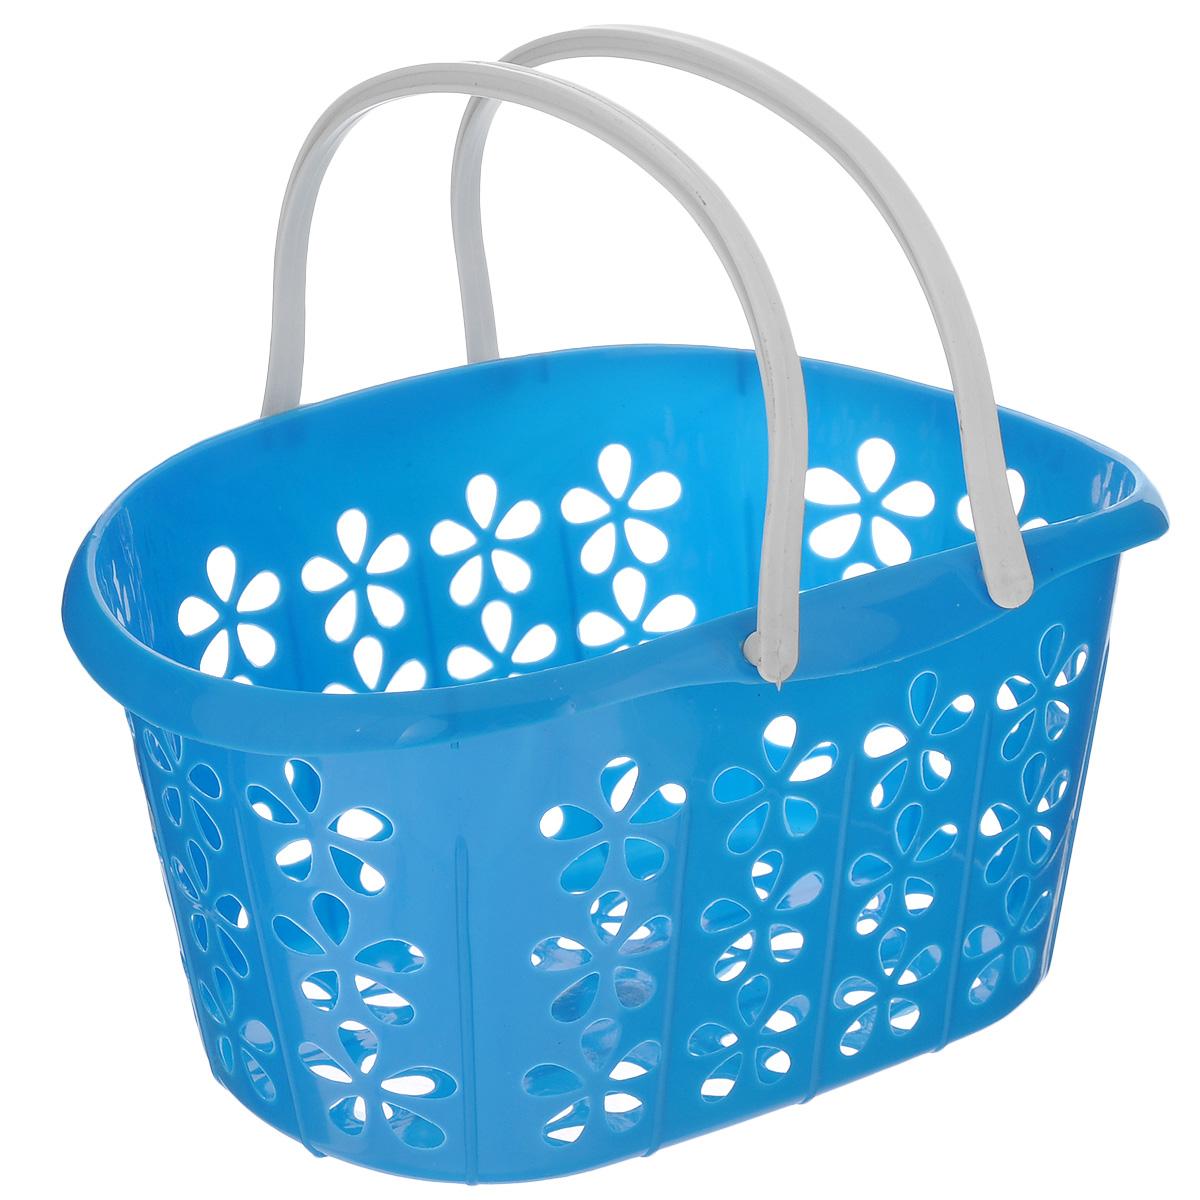 Корзинка Sima-land, с ручками, цвет: синий, 22,5 х 16,5 х 12 см139077 синийКорзинка Sima-land, изготовленная из высококачественного прочного пластика, предназначена для хранения мелочей в ванной, на кухне, даче или гараже. Изделие оснащено двумя удобными складными ручками. Это легкая корзина с сетчатым дном, жесткой кромкой и небольшими отверстиями позволяет хранить средние вещи в одном месте, исключая возможность их потери. Сетчатое дно исключает скопление пыли и влаги на дне корзины.